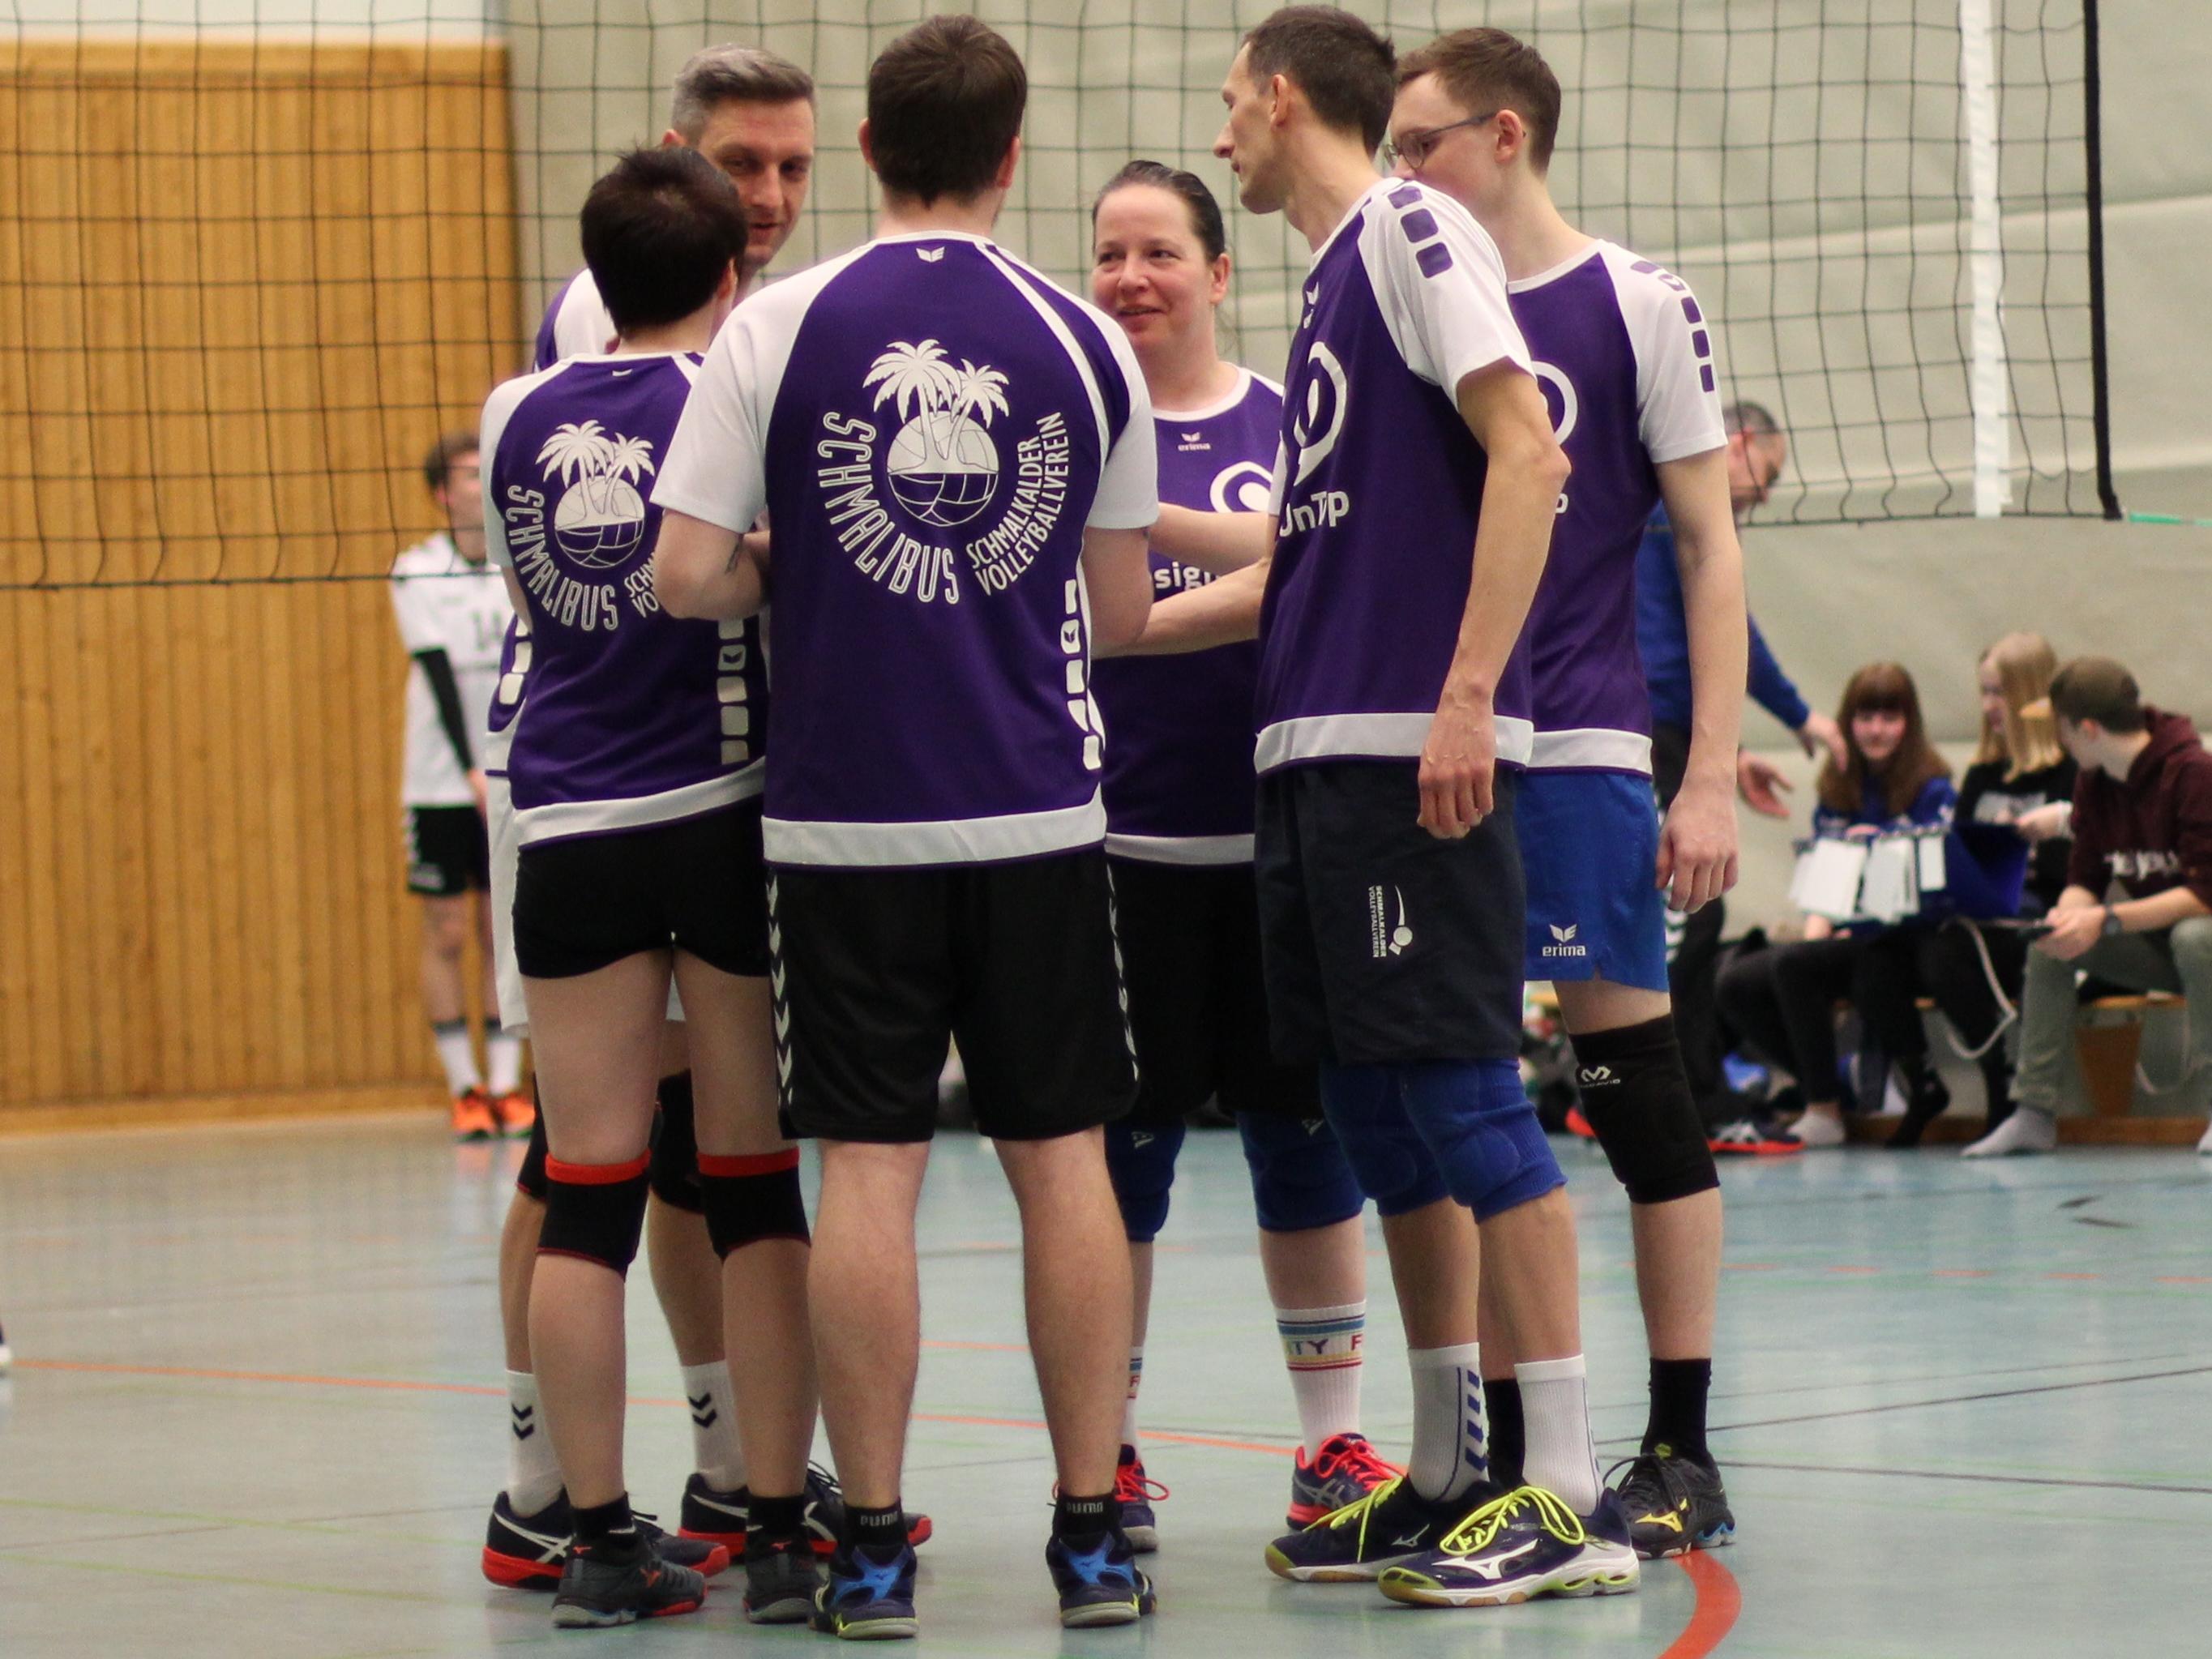 Schmalibus : Volleyballverein 70 Meiningen